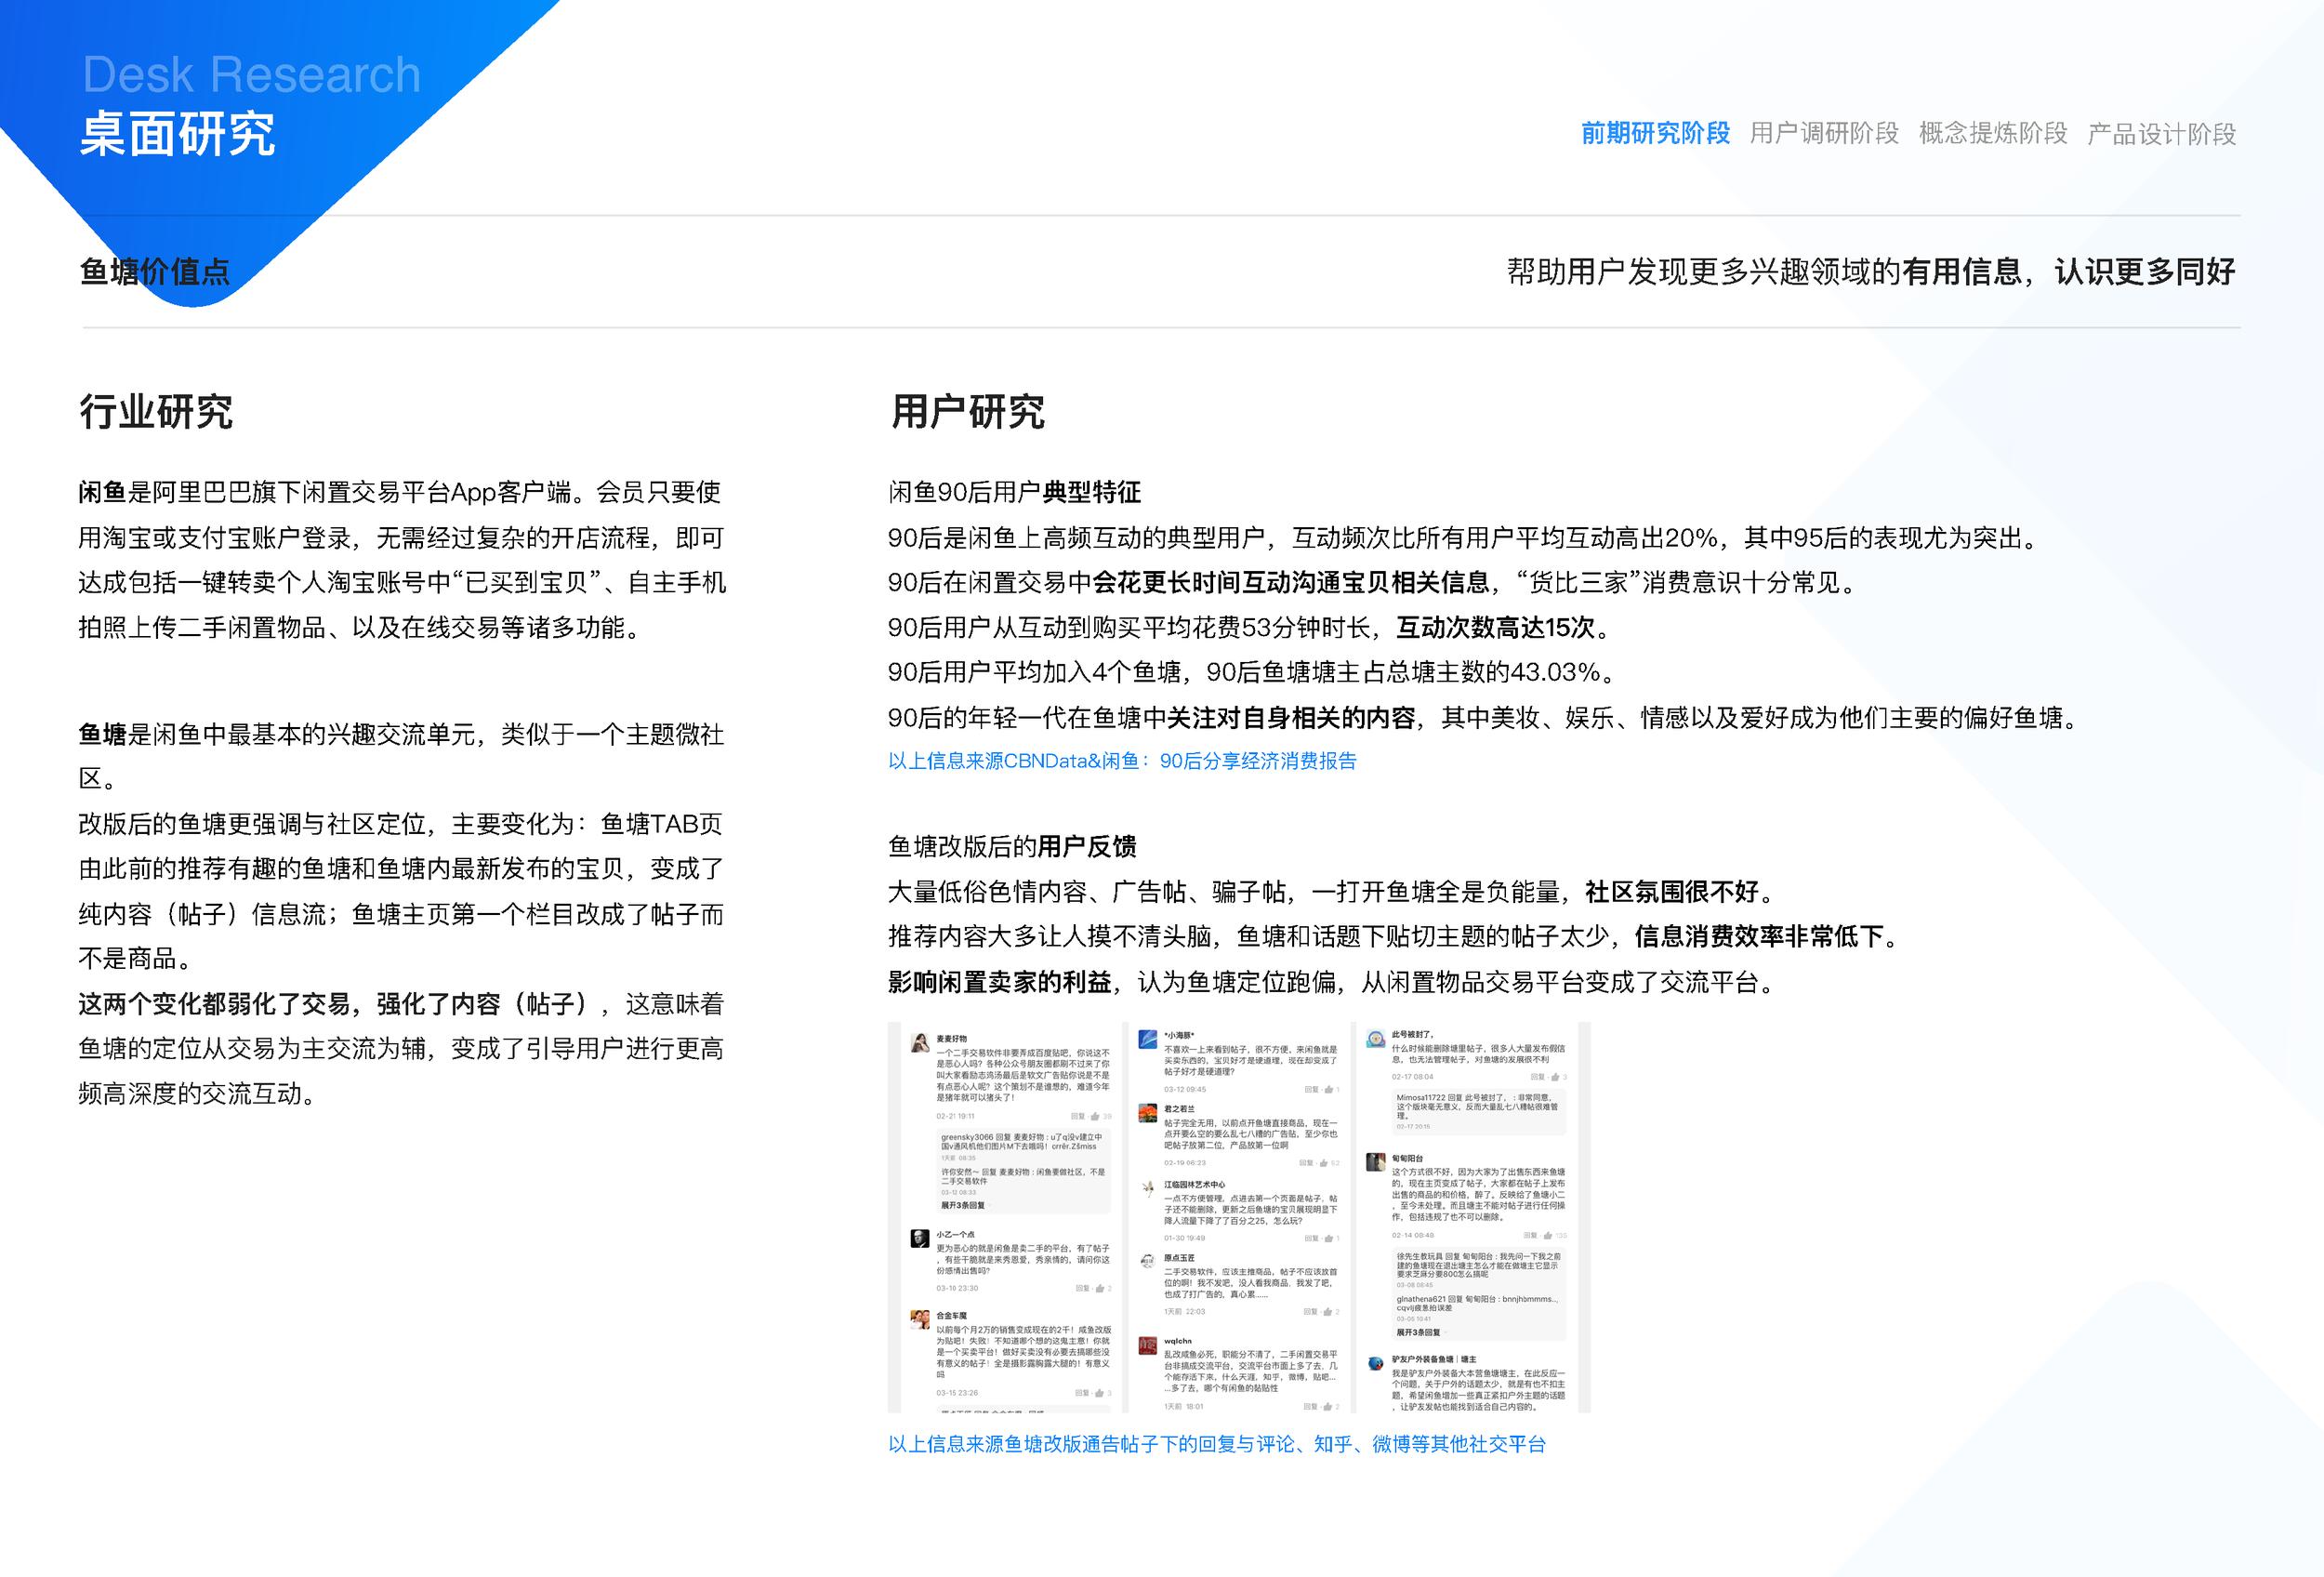 闲鱼社区互动设计(17小组油猫饼)_页面_03.png